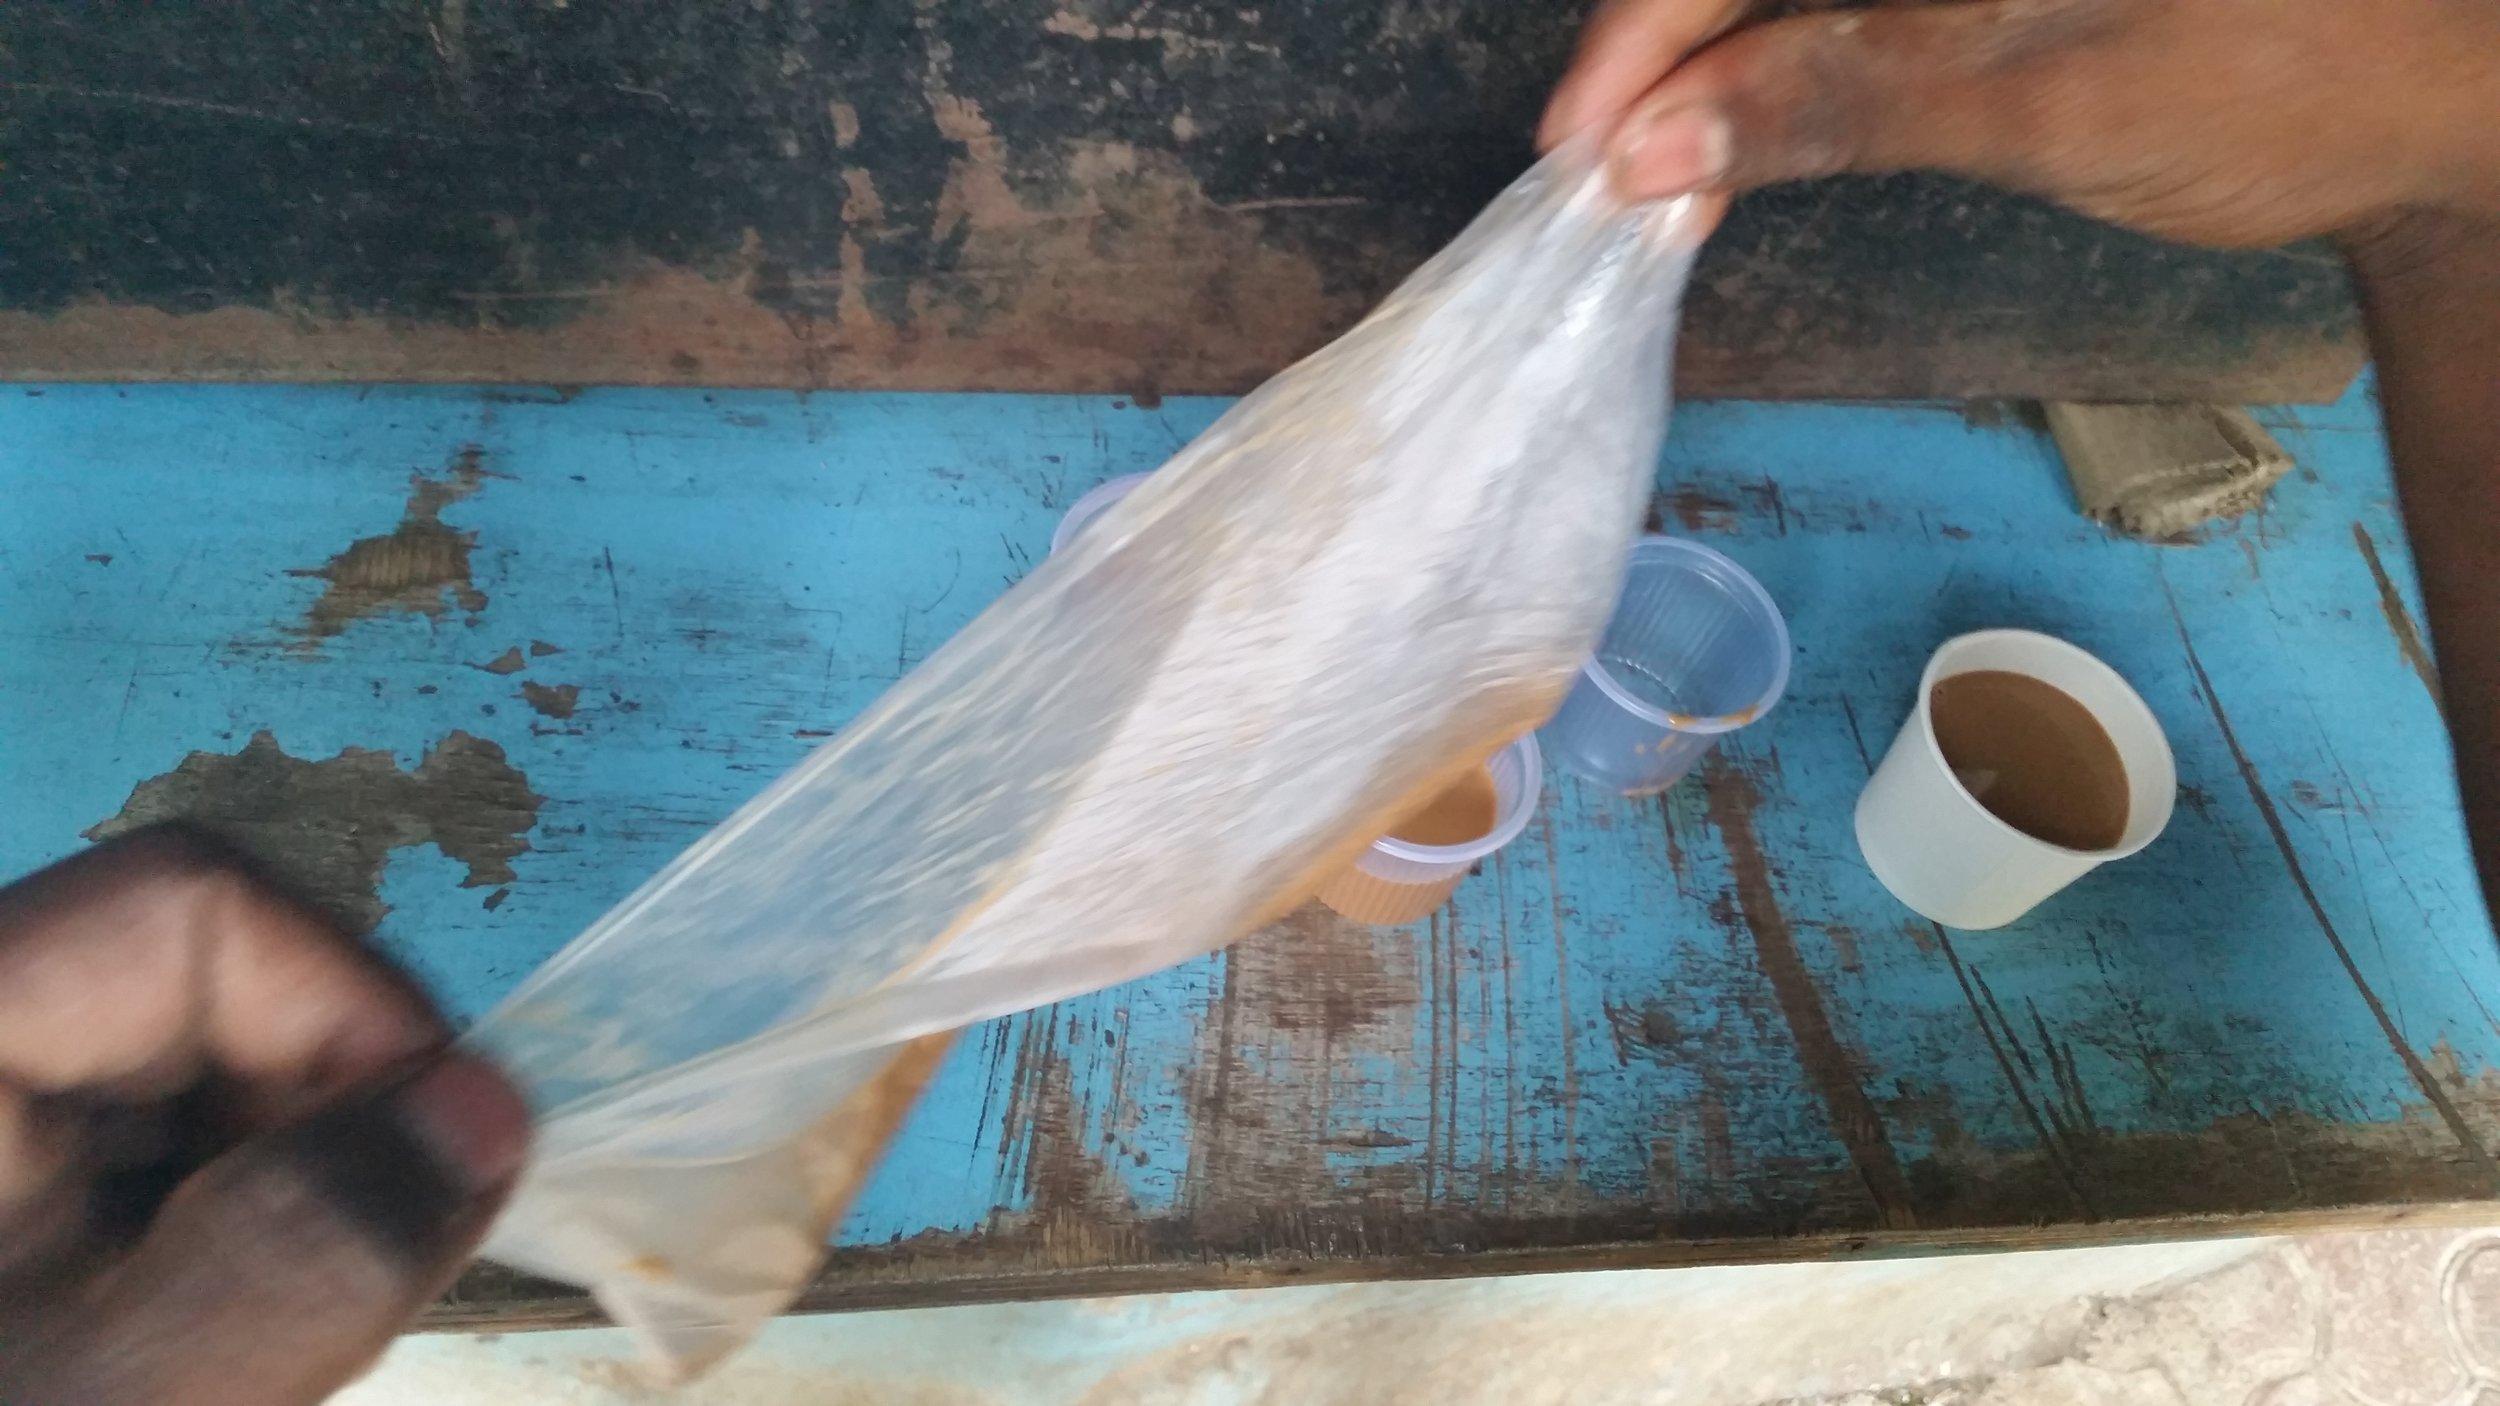 Chai kjøper man i en pose som fordeles i små kopper til alle.